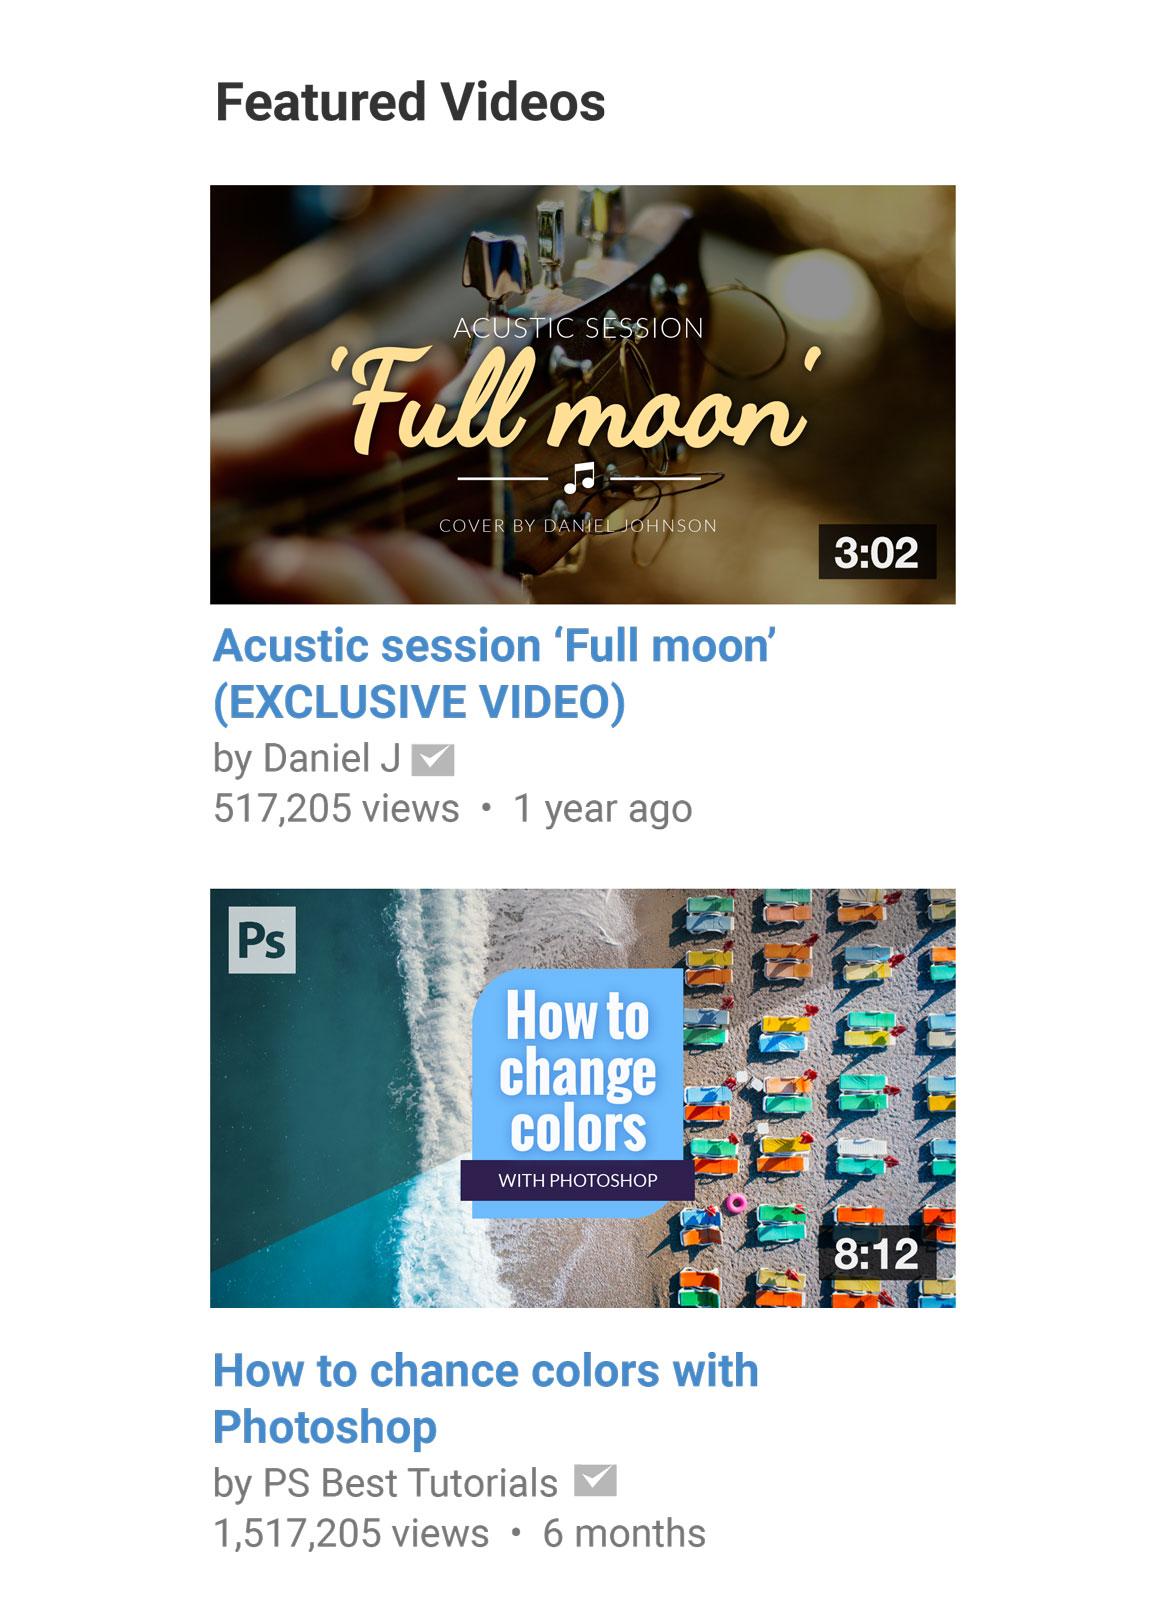 Free Thumbnail Maker Thumbnail Generator Visme